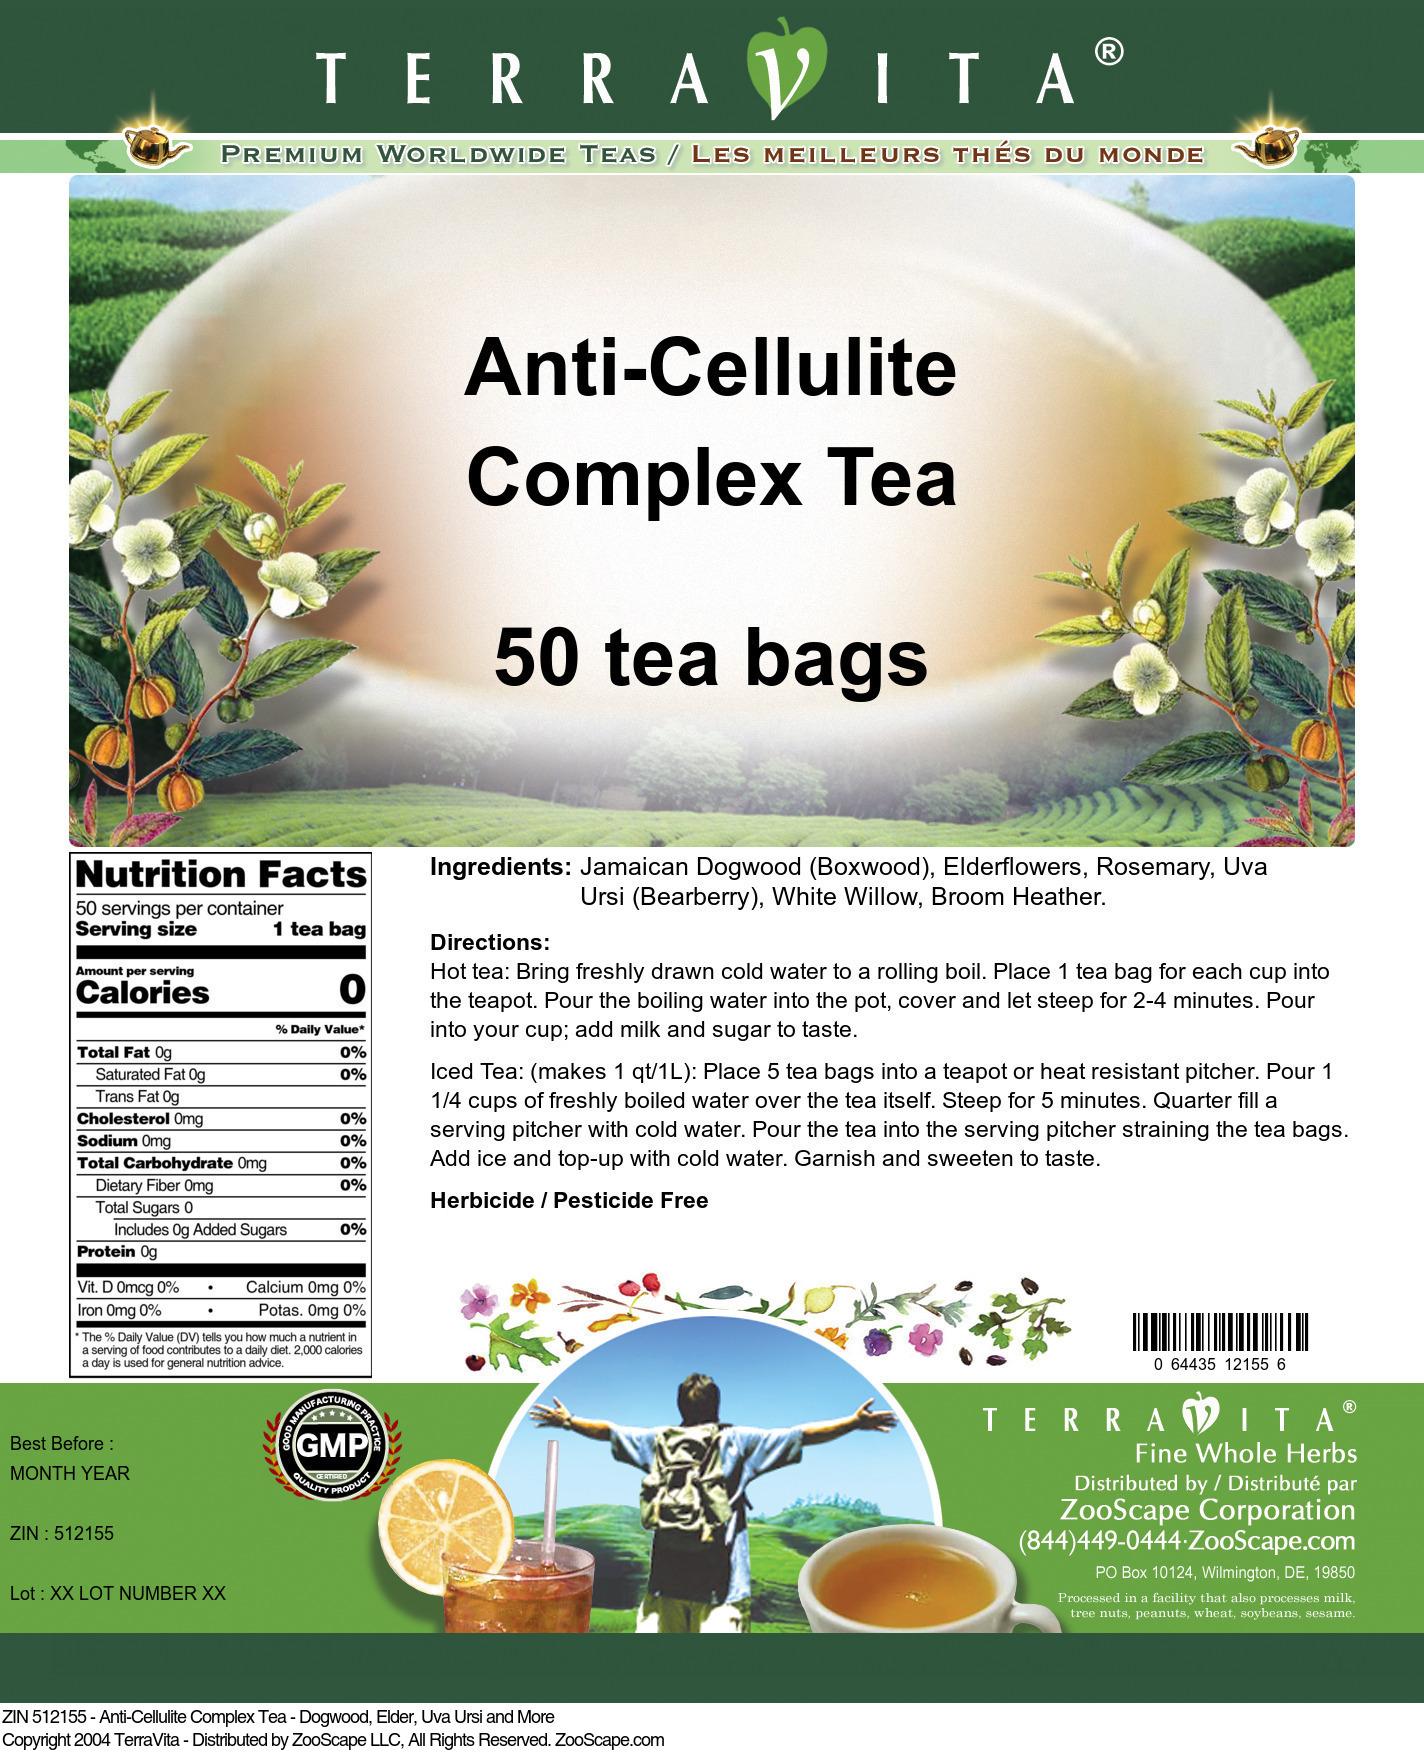 Anti-Cellulite Complex Tea - Dogwood, Elder, Uva Ursi and More